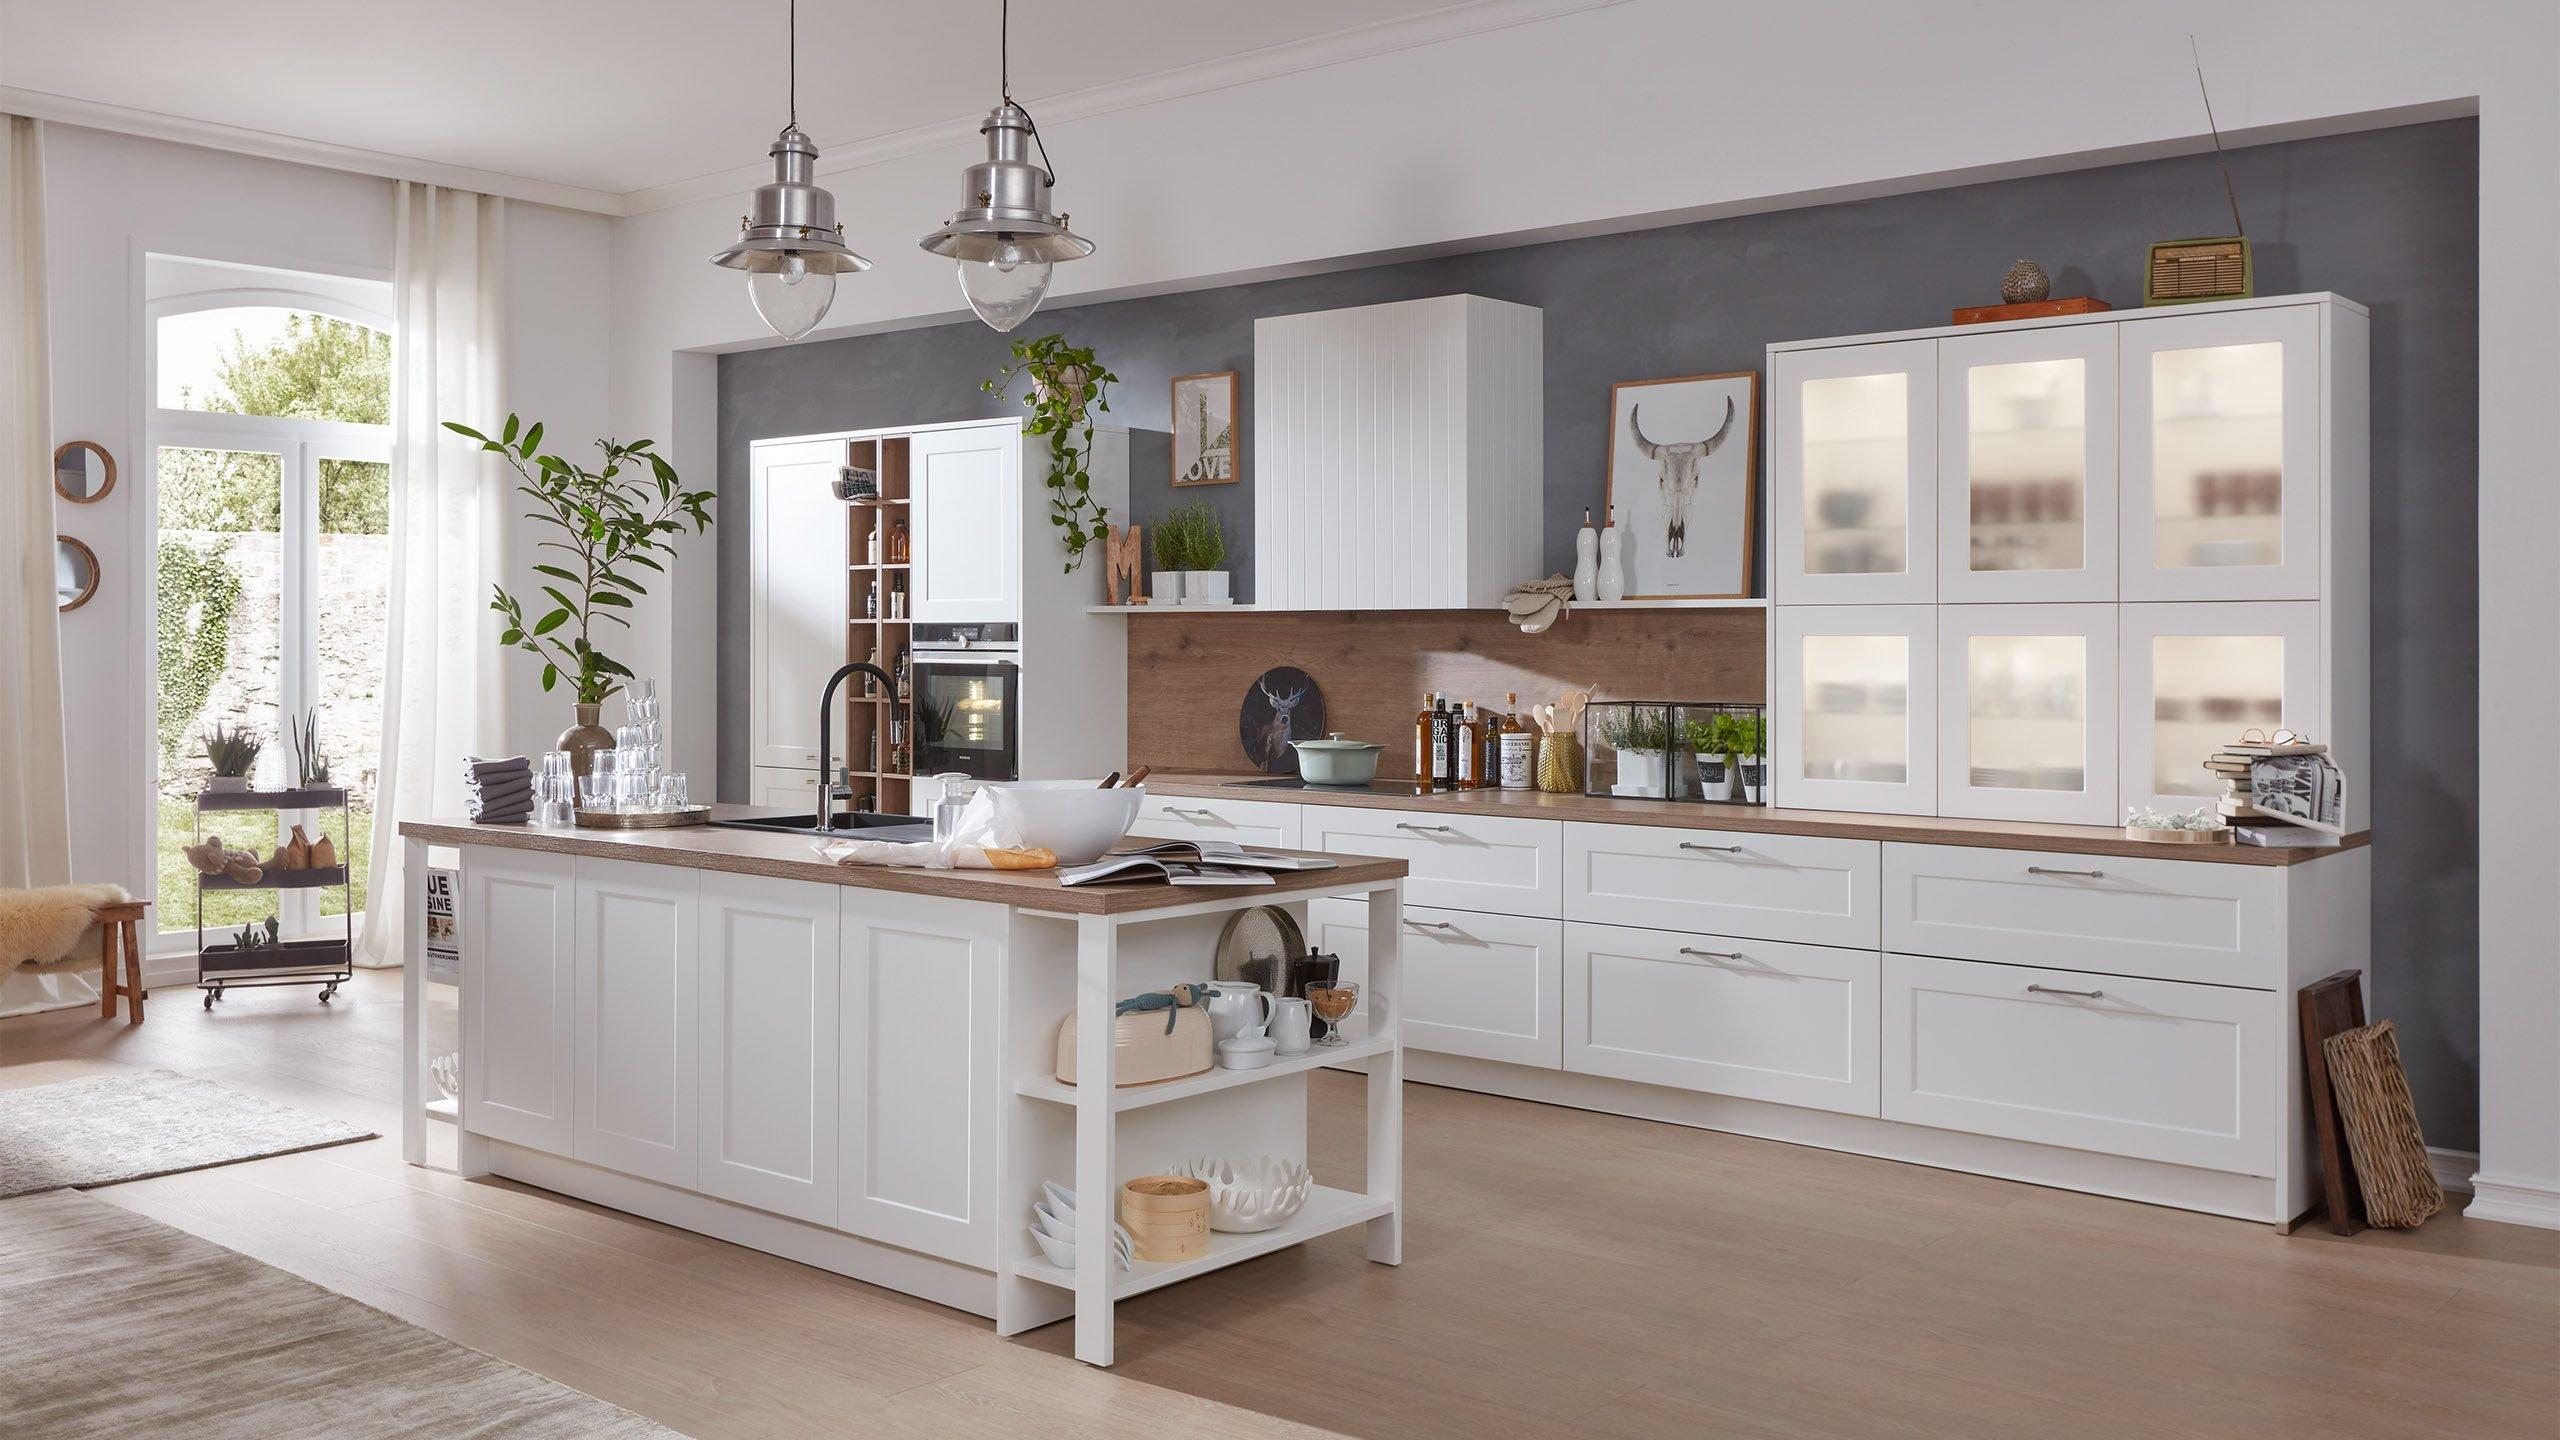 Küchen im Landhausstil einrichten